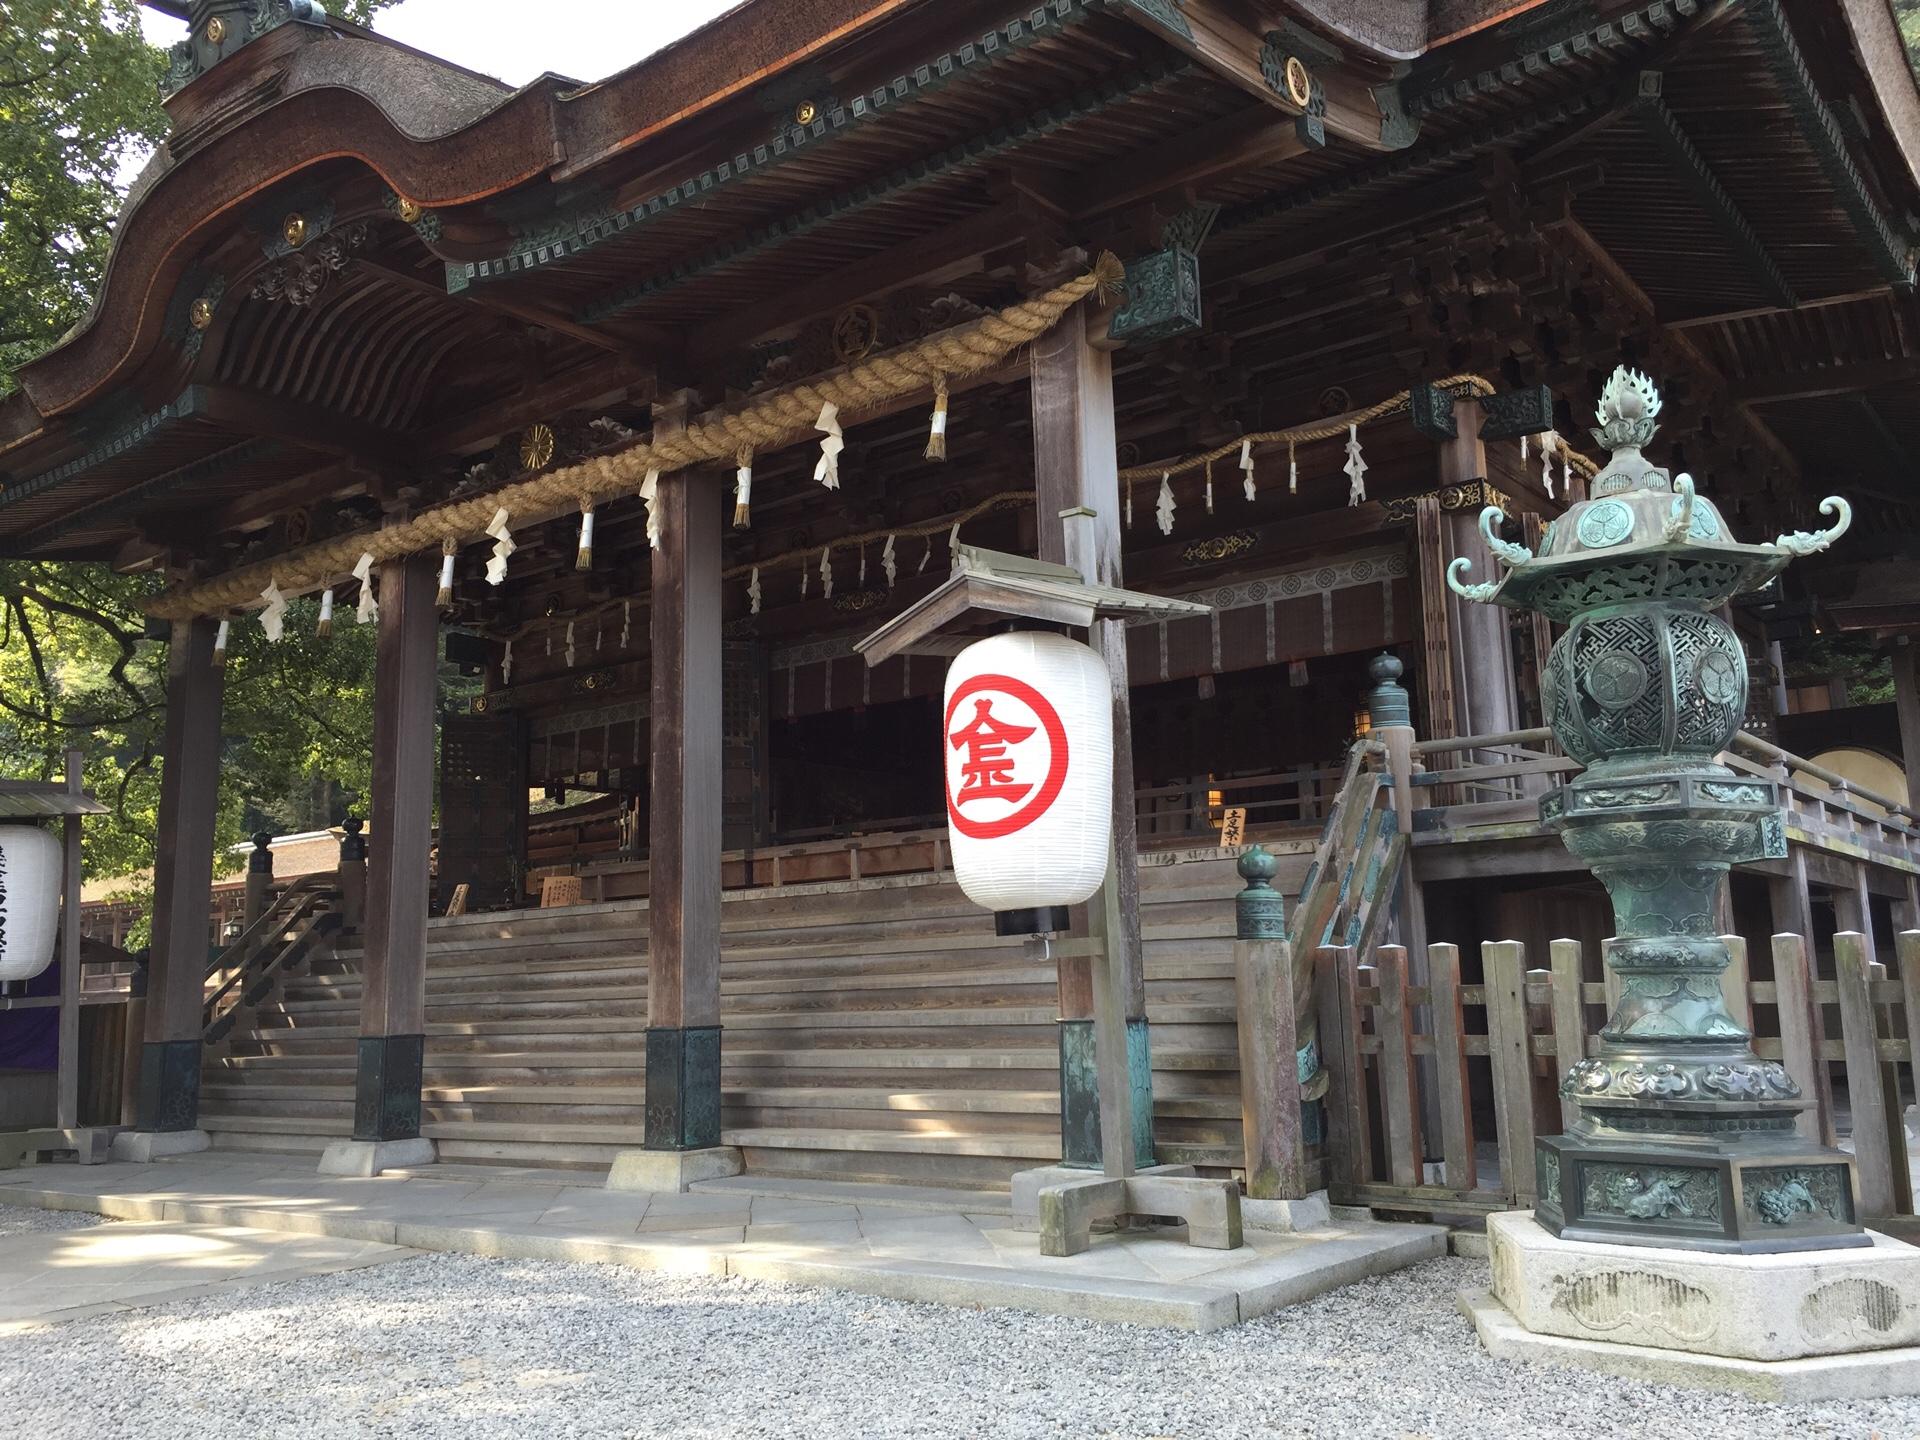 【オススメご当地名所】香川県にはありがたい名所だらけ